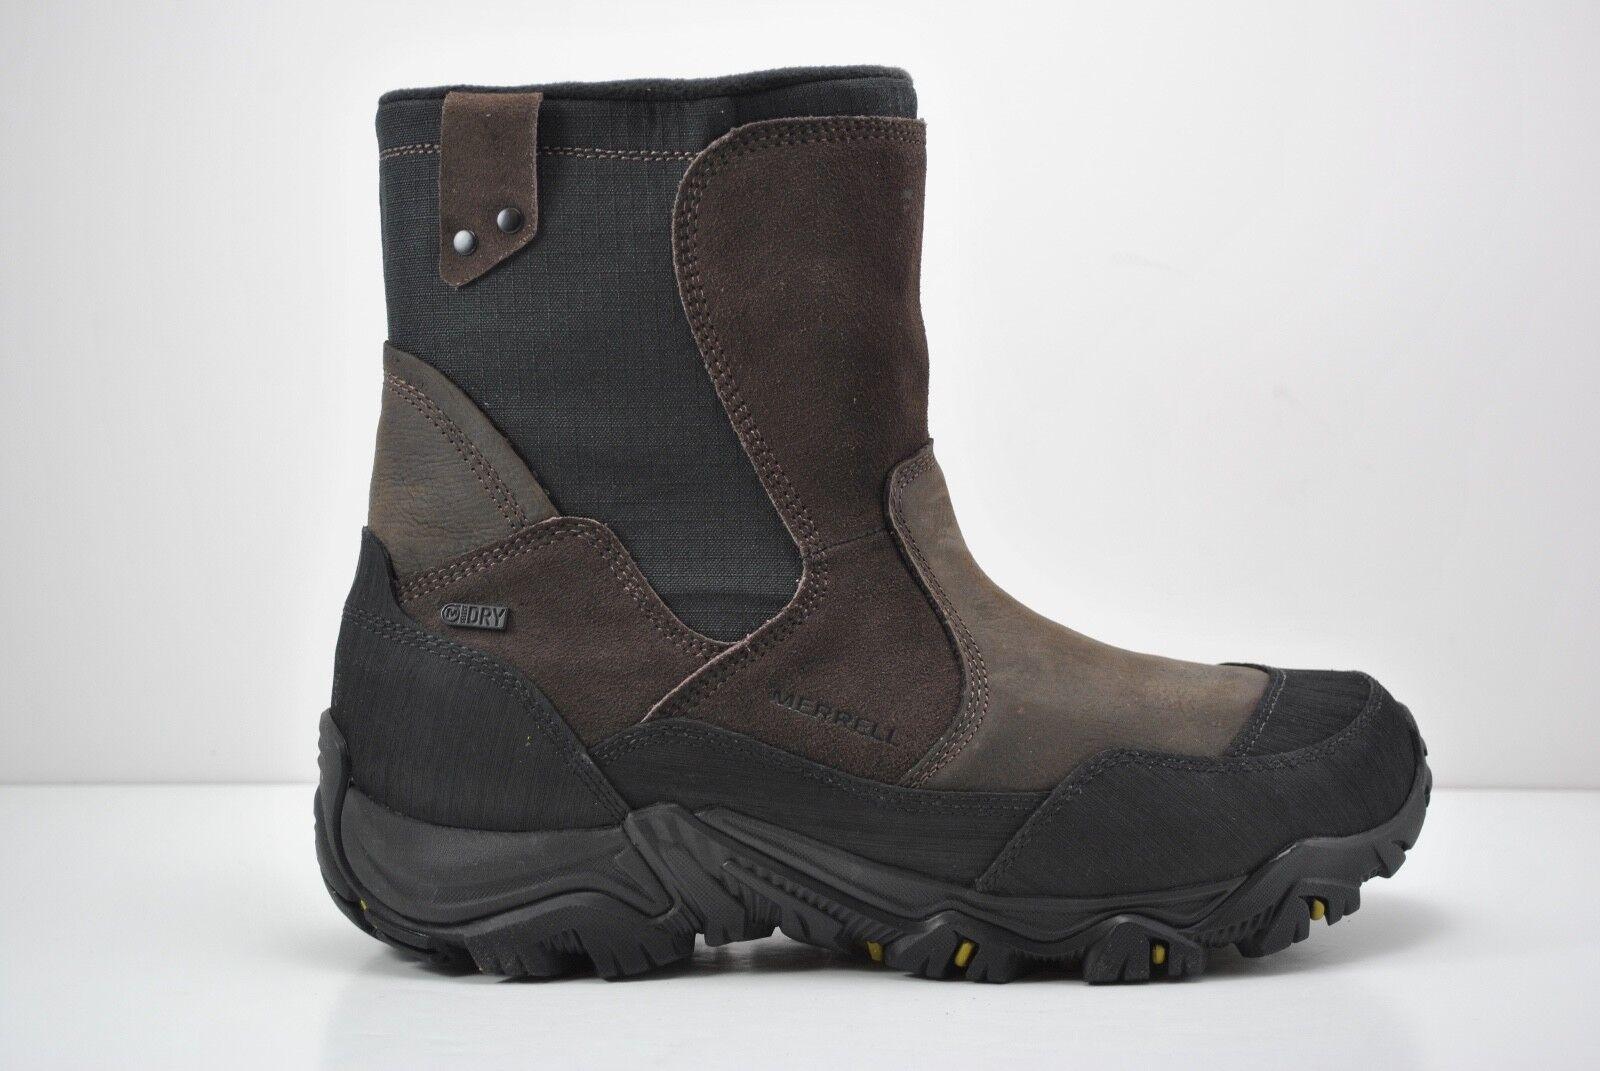 botas para Hombre Impermeable Polarand Rove Cremallera Expresso Marrón Negro J23429